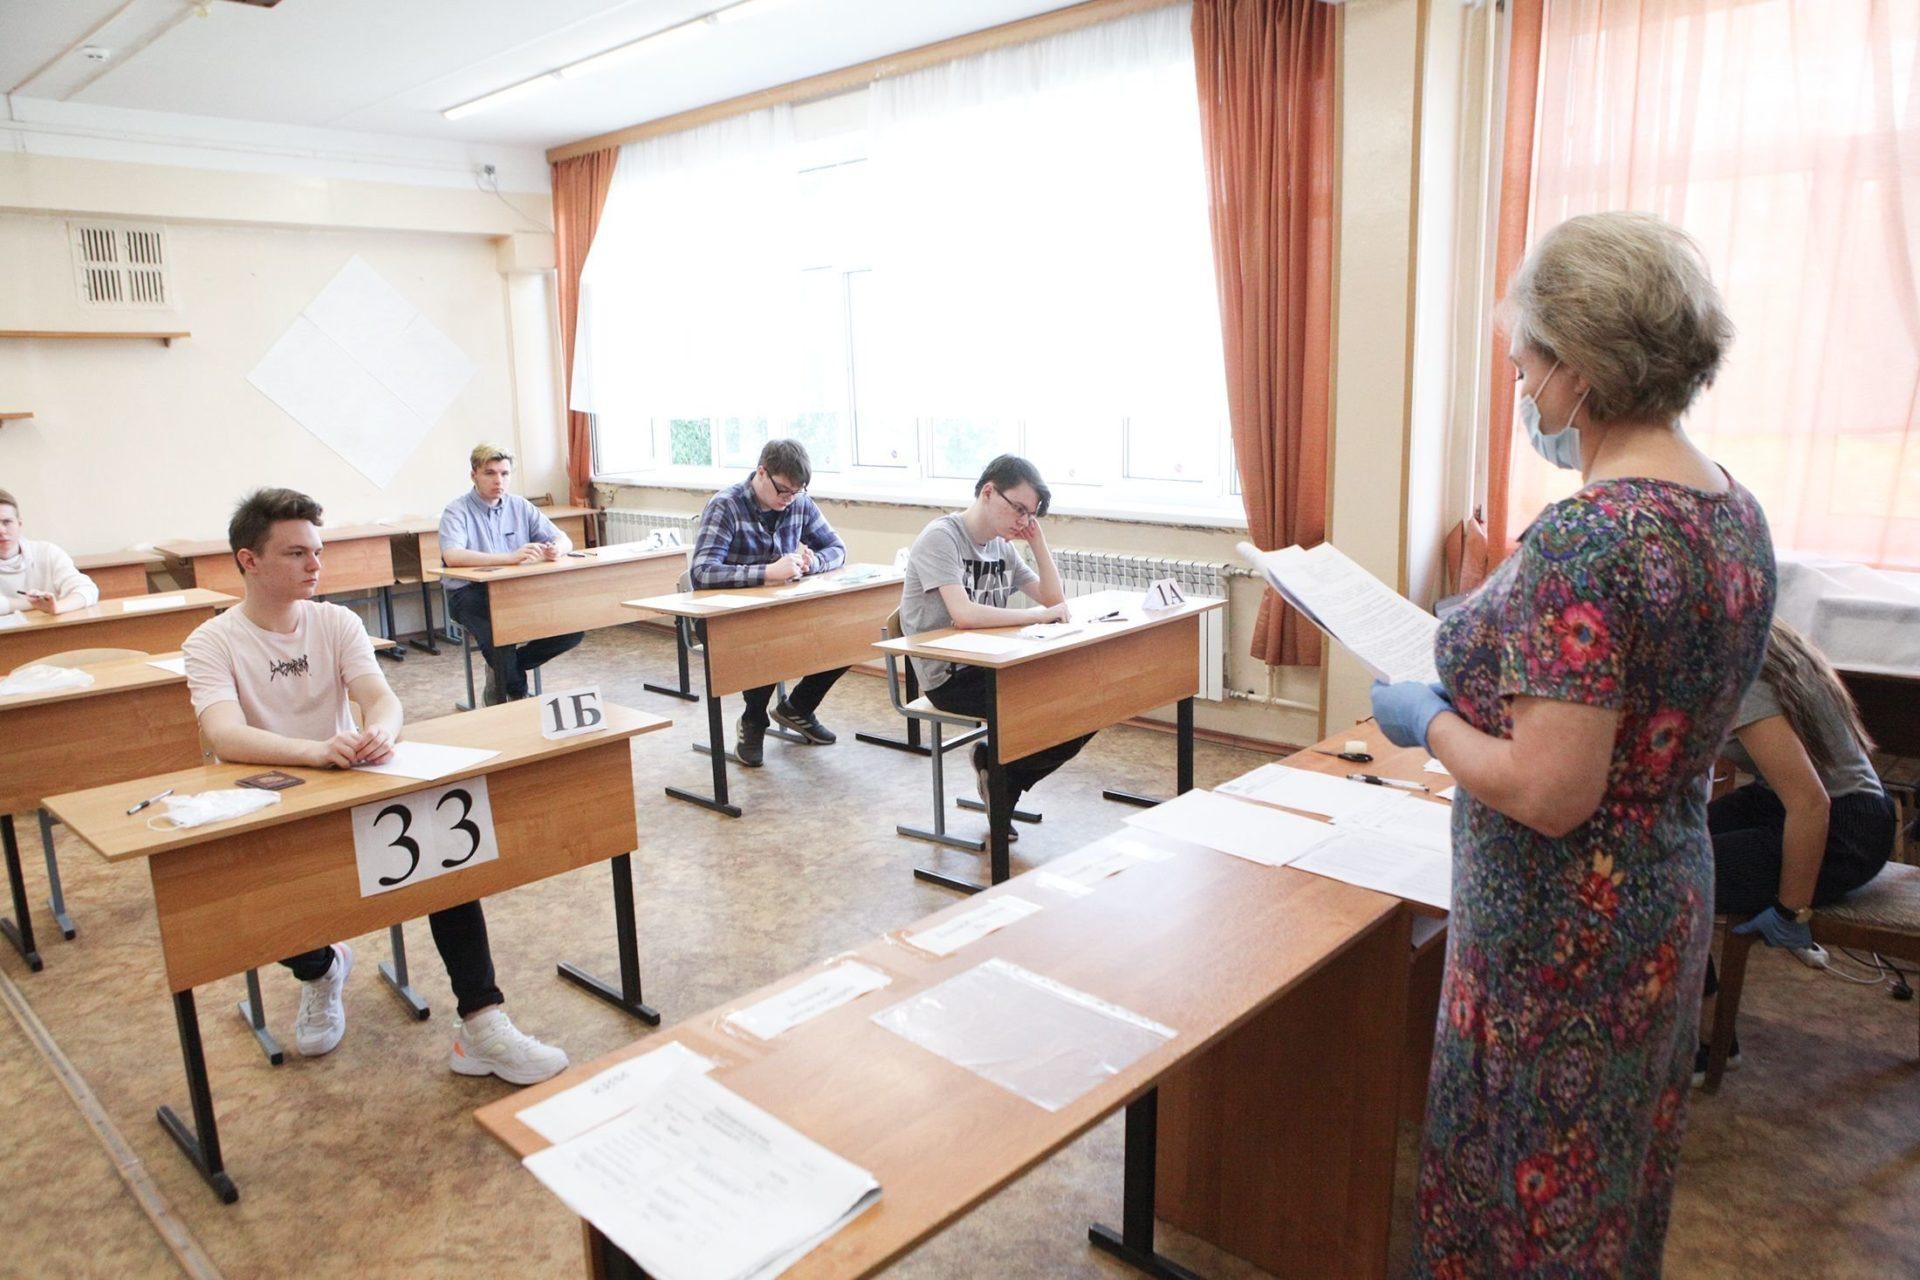 Рособрнадзор: Школьникам перед ЕГЭ не нужно вакцинироваться от COVID-19